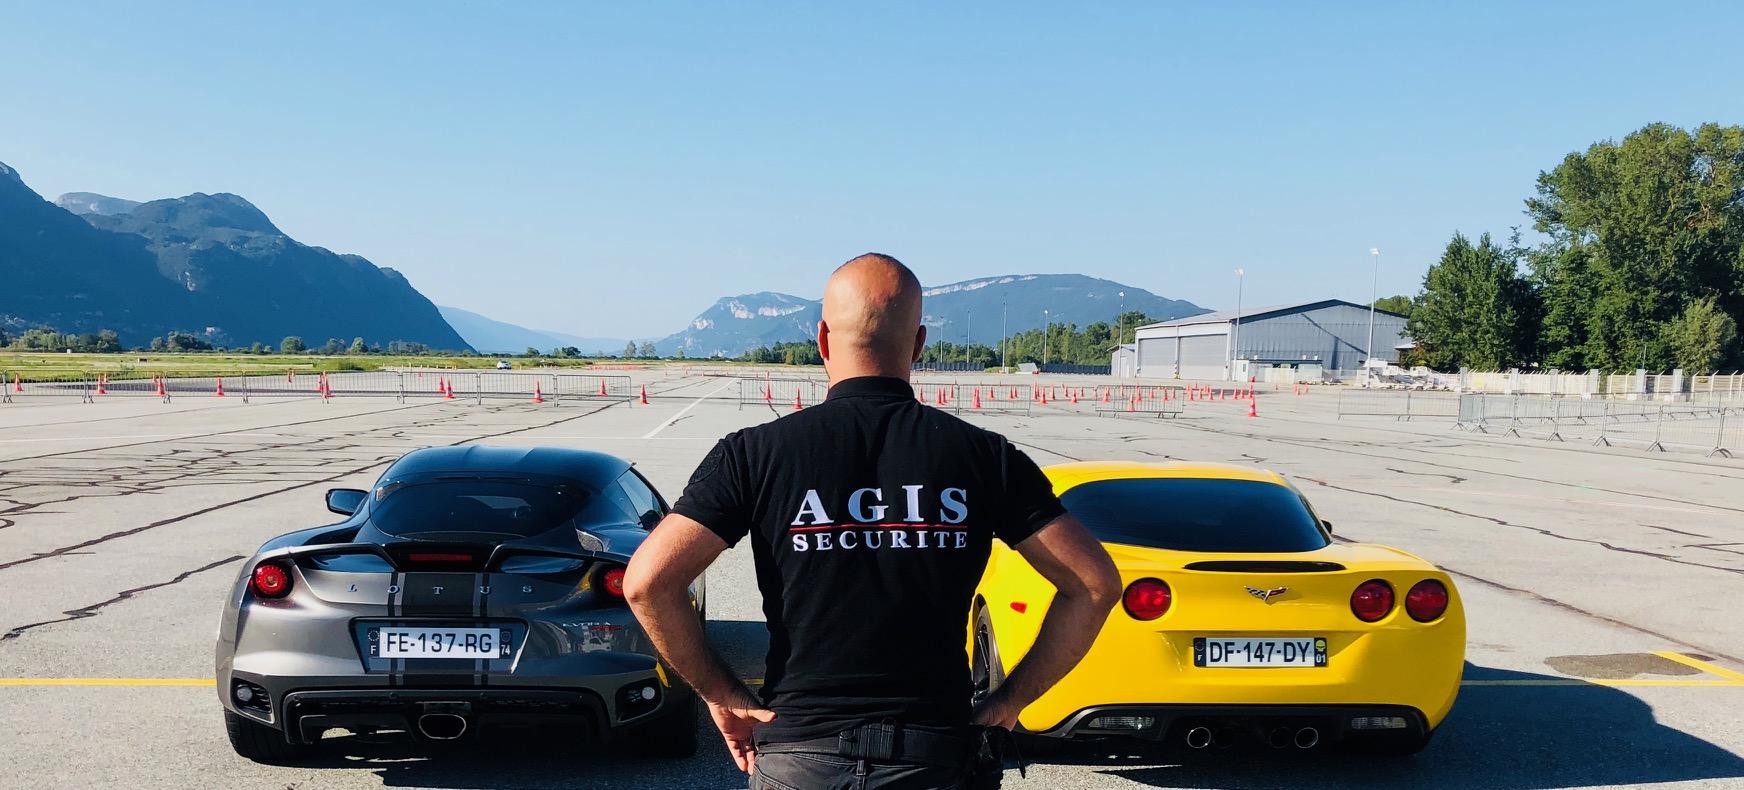 AGIS sécurité - évènementiel